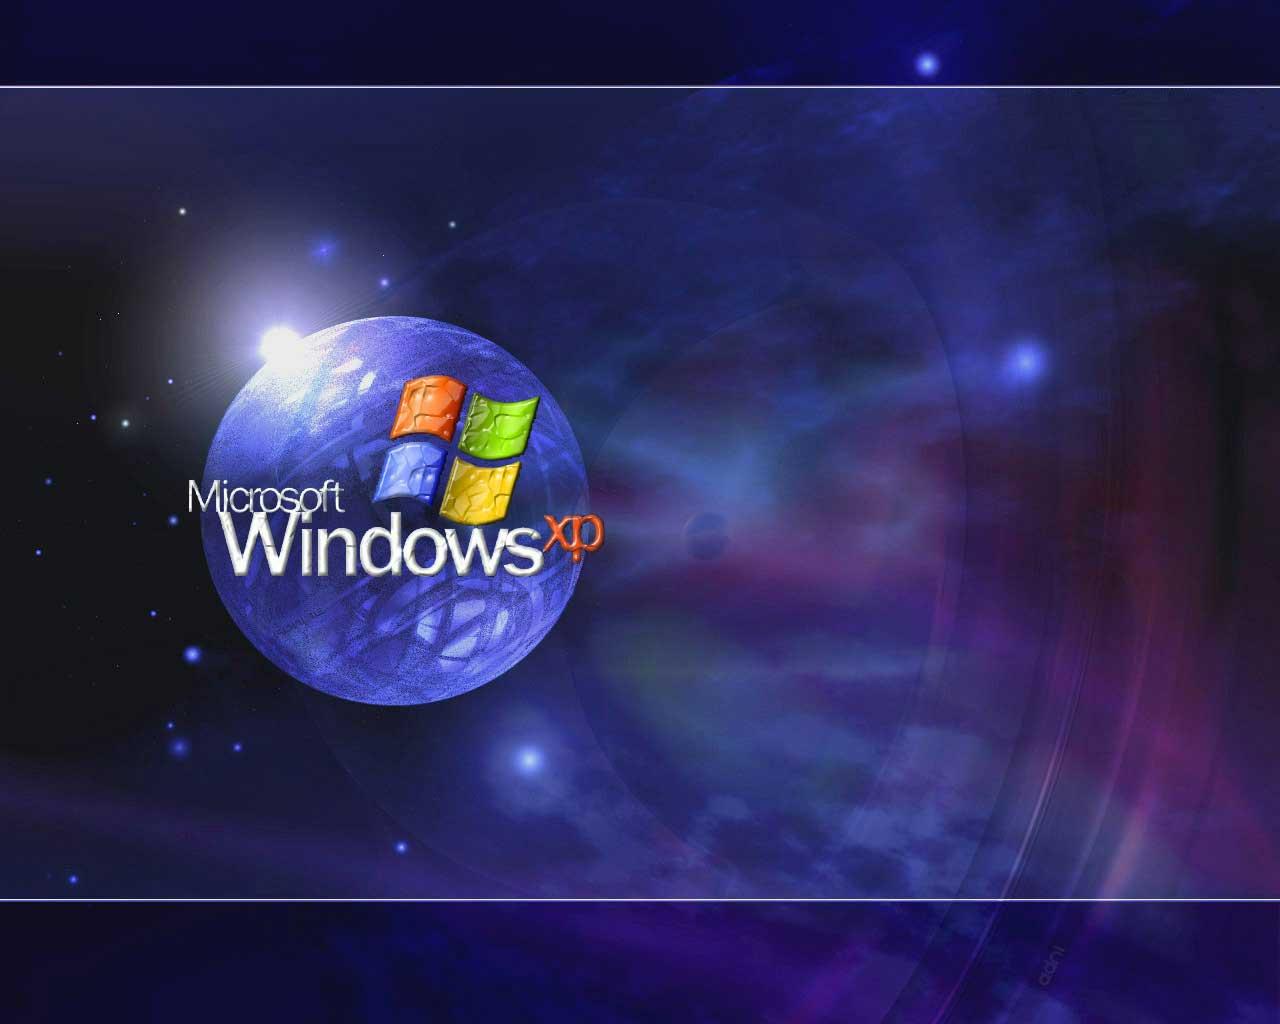 xp pictures windows xp photos windows xp photos windows xp photos 1280x1024